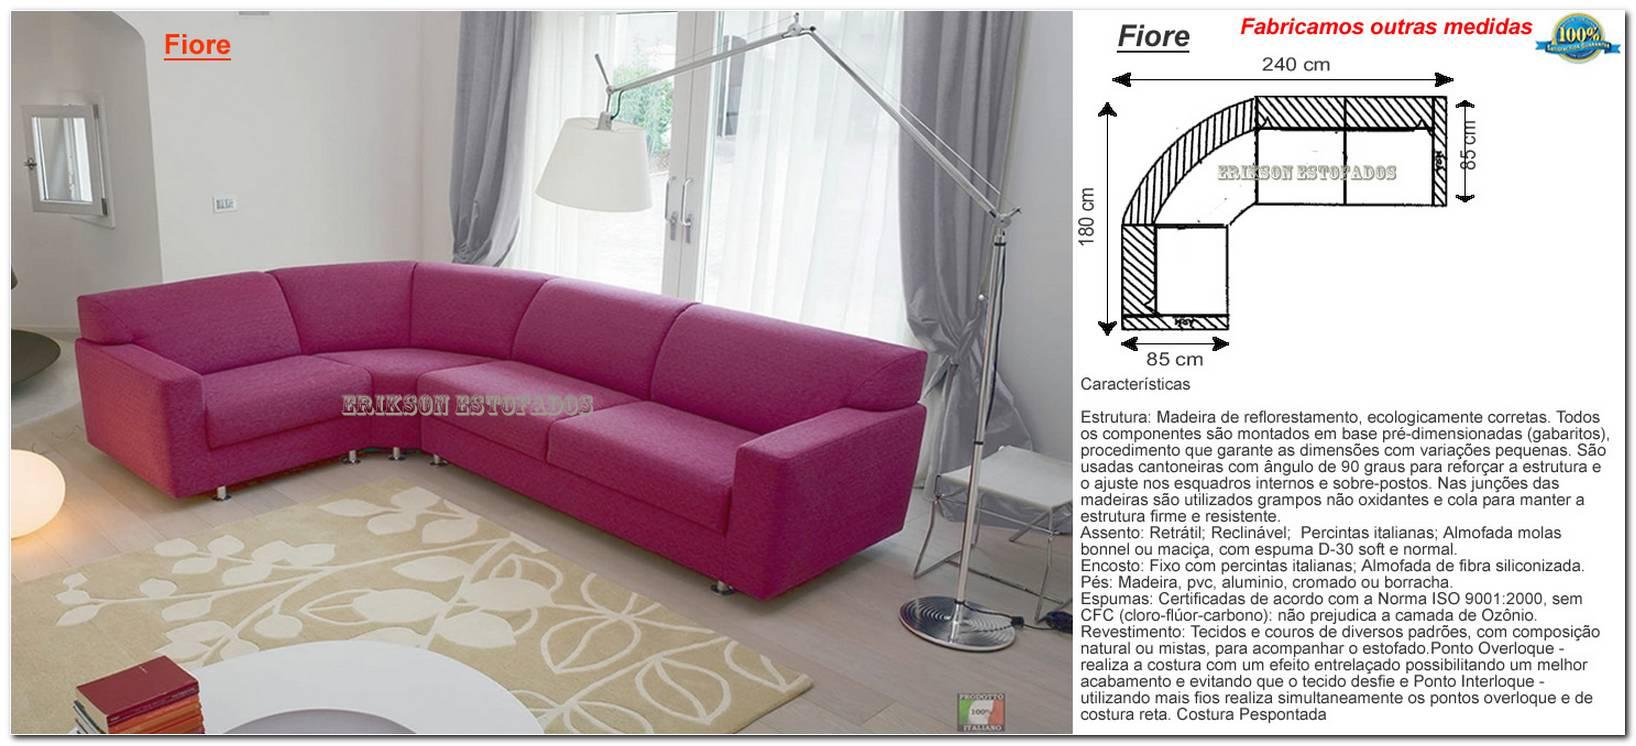 Tamanho Sofa Sala Pequena